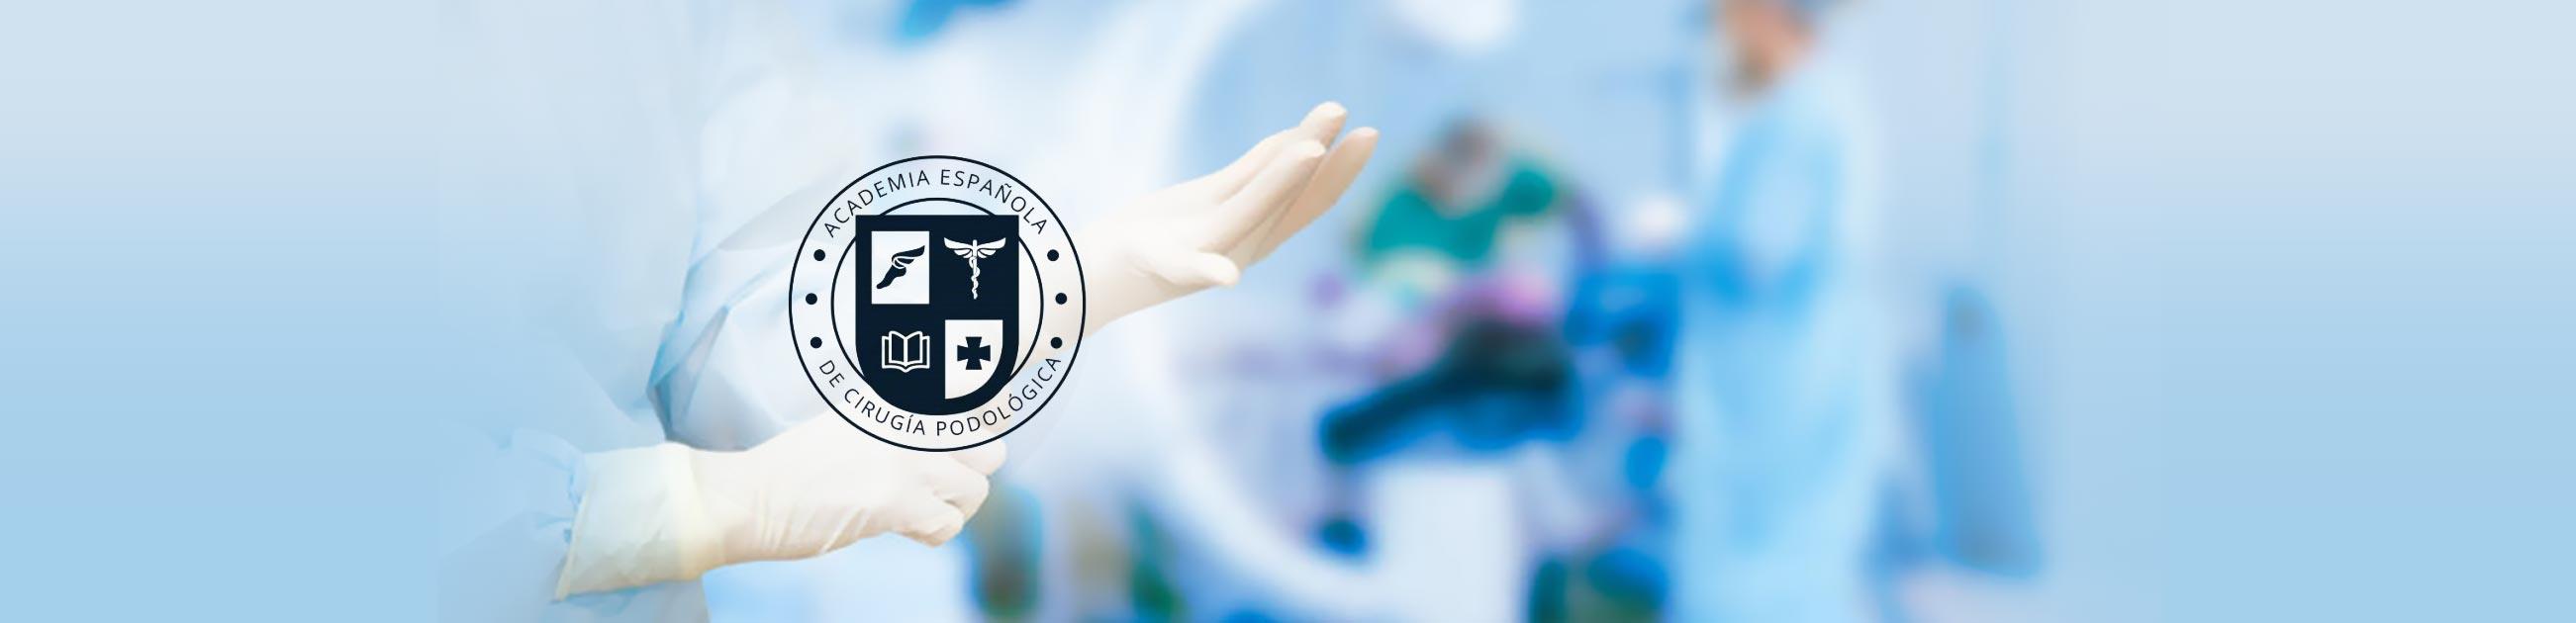 logo aecp asociacion española de cirugia podologica